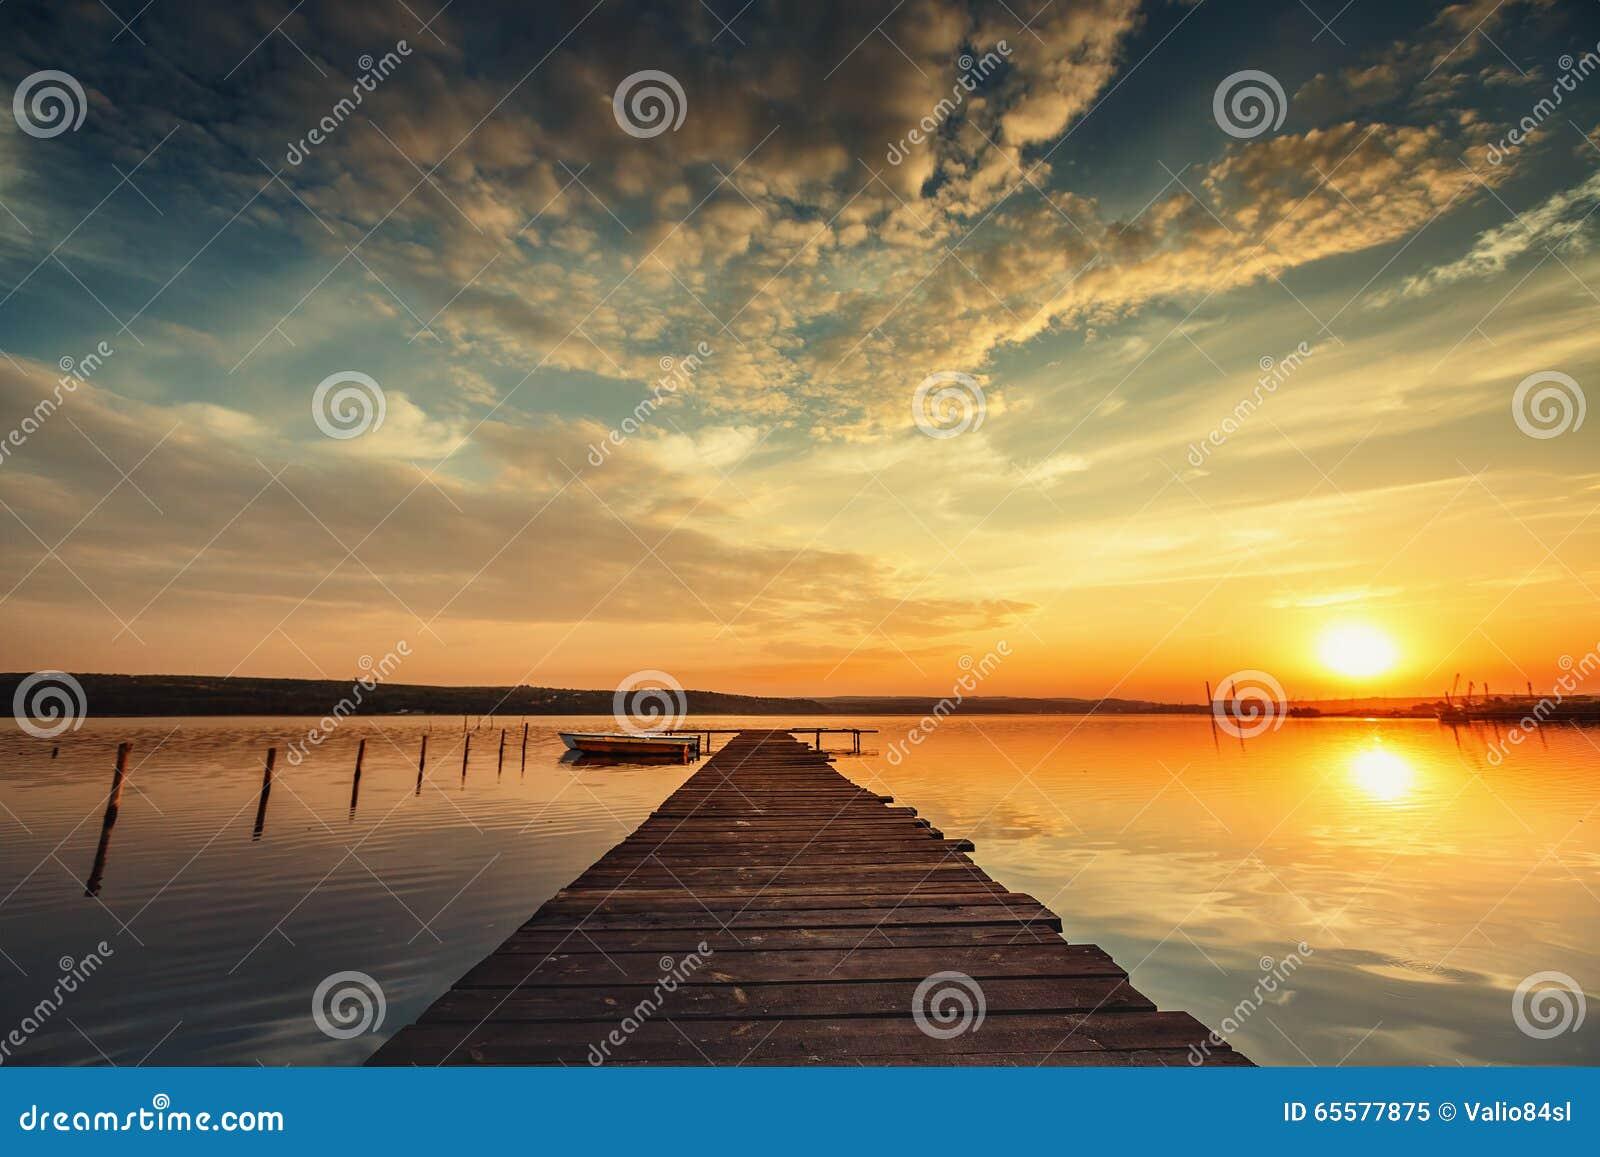 Barco e molhe no lago com uma reflexão na água no por do sol